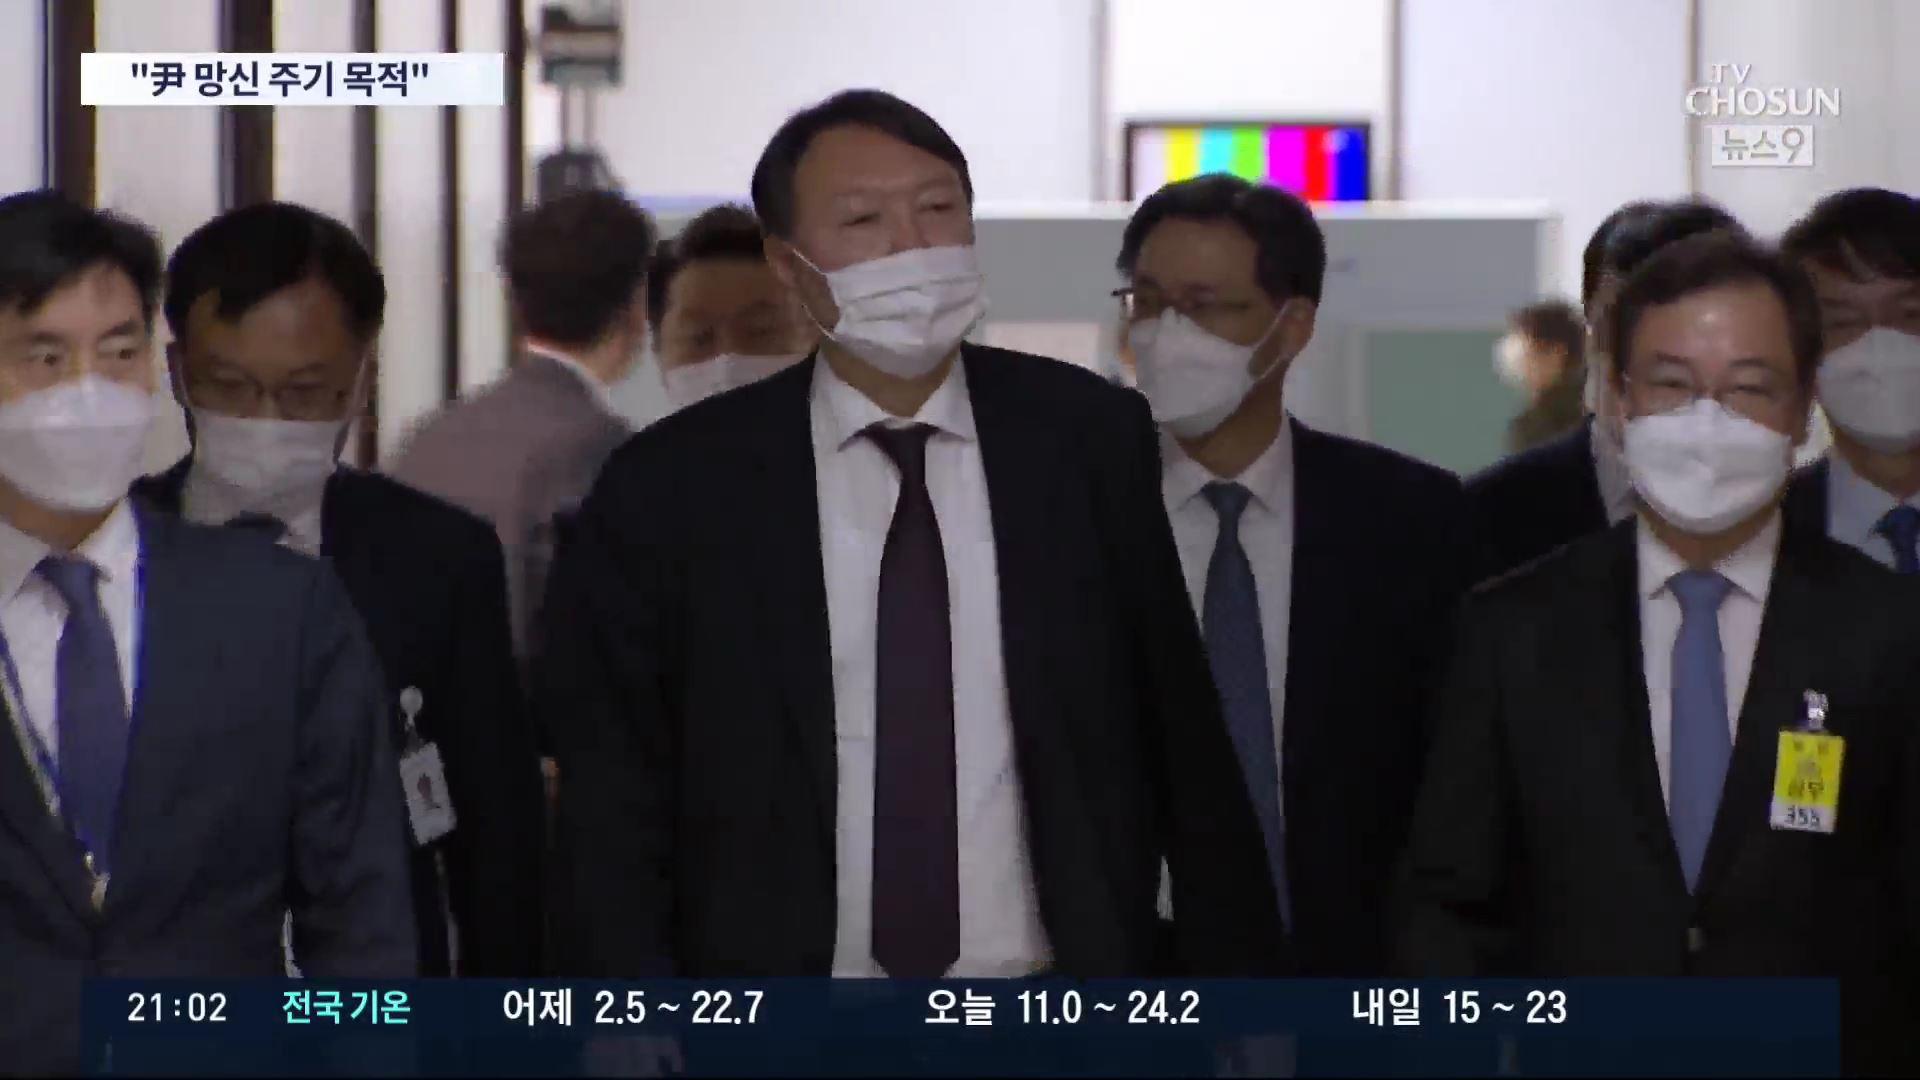 [단독] 법무부 '윤 총장, 19일 대면조사 협조하라' 공문으로 재통보